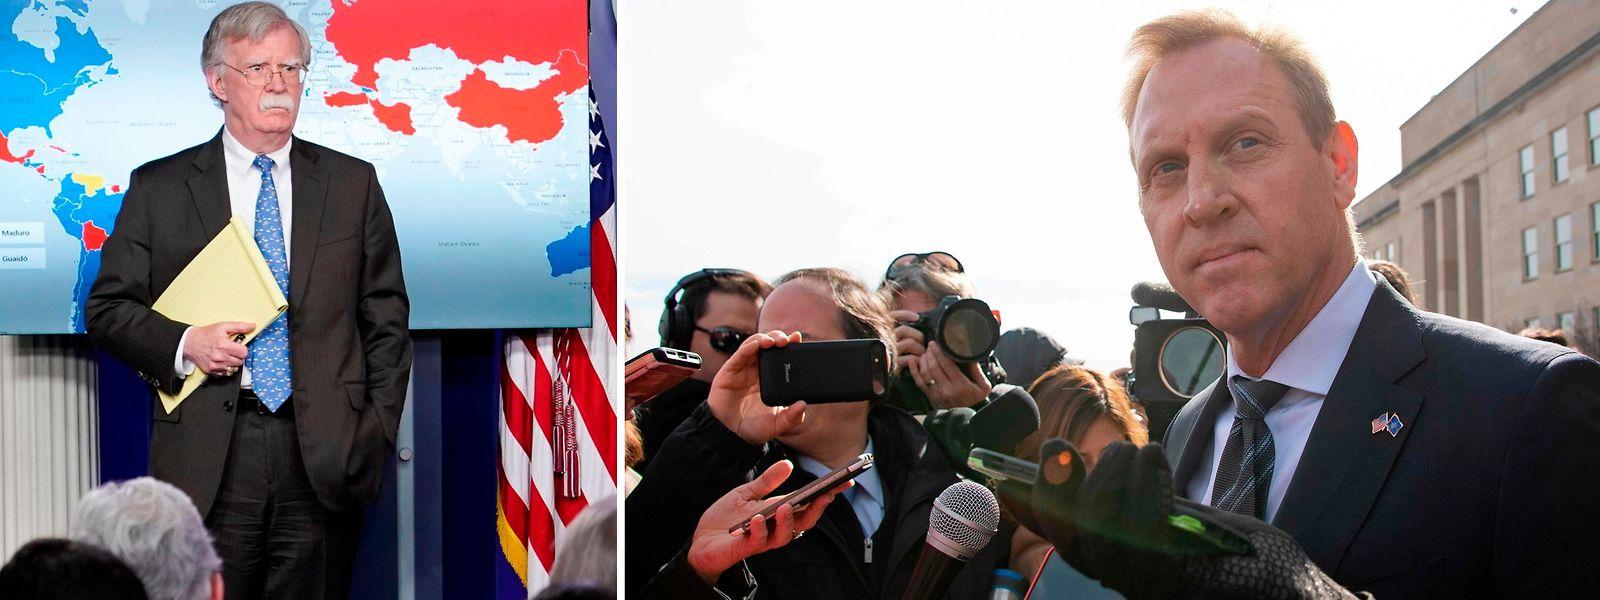 """John  Bolton (l.)  vor einer Karte mit Ländern, die Guaidó (blau) oder Maduro (rot) unterstützen. Auf einer Seite seines Notizblocks steht """"5.000 Mann nach Bolivien"""". Verteidigungsminister Patrick Shanahan kommentierte das nicht."""